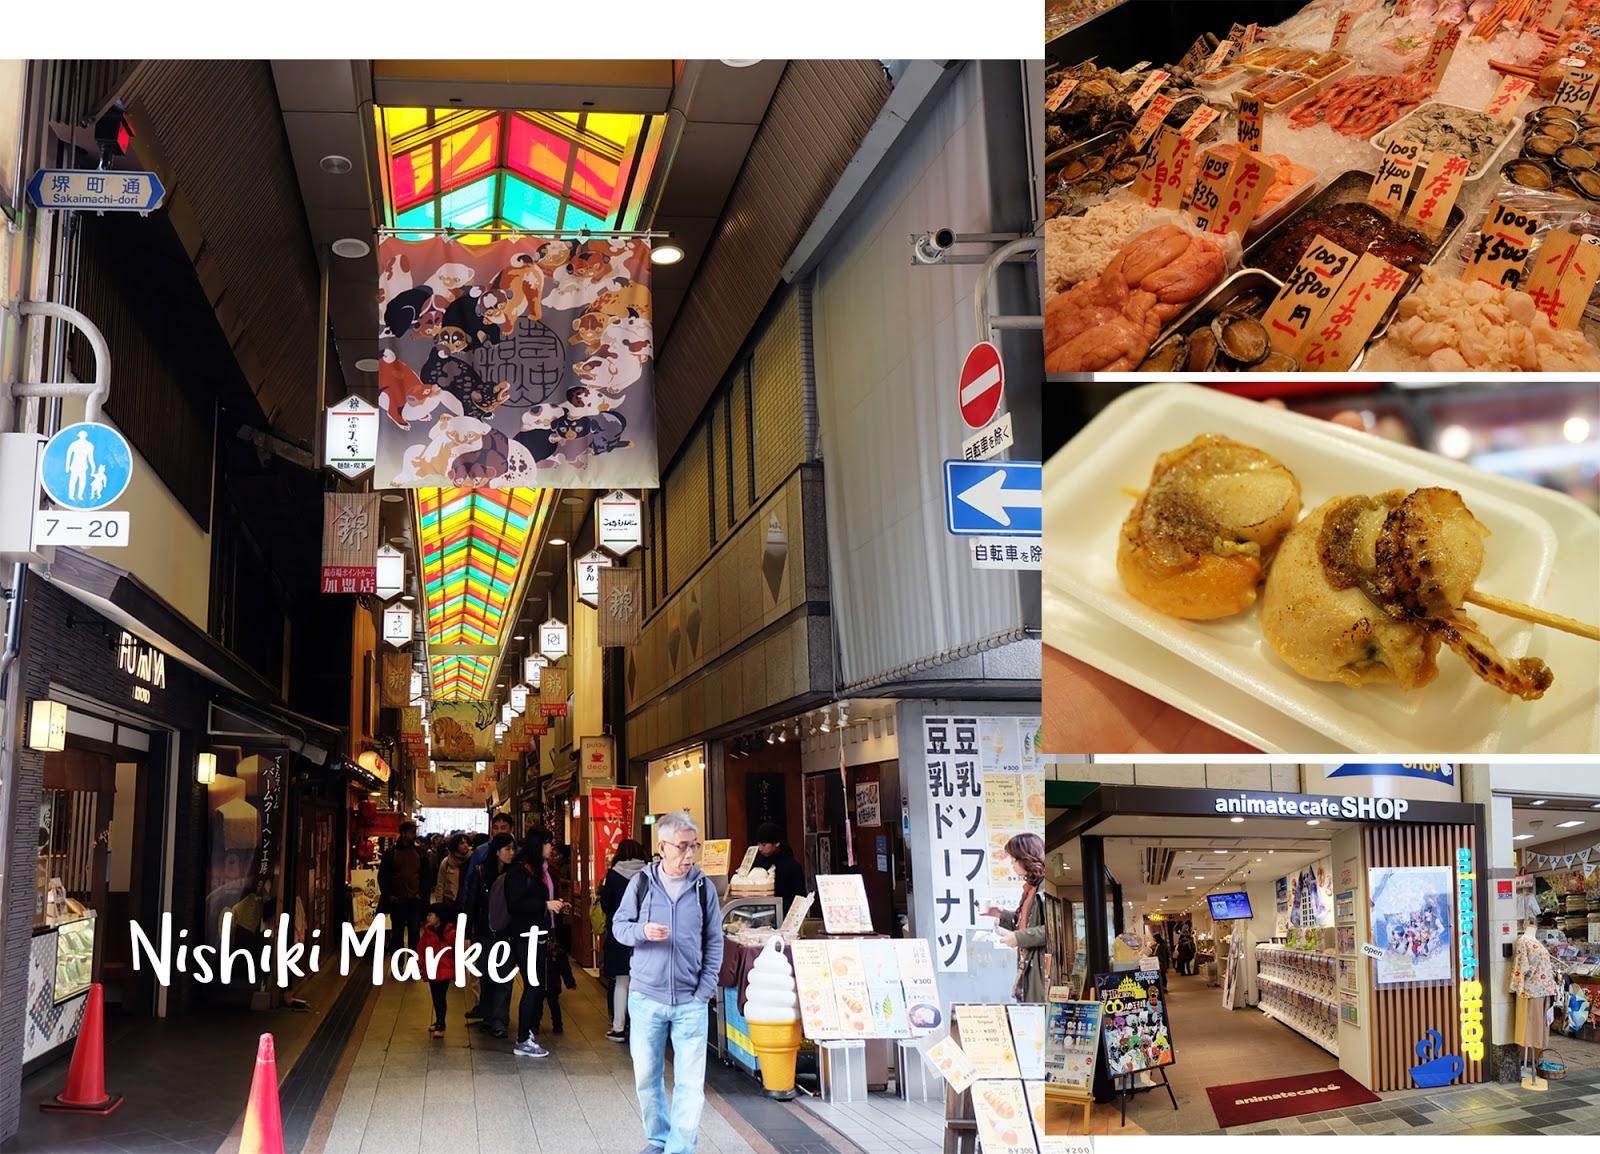 One Day 6 places Kyoto Nishiki Market | www.bigdreamerblog.com